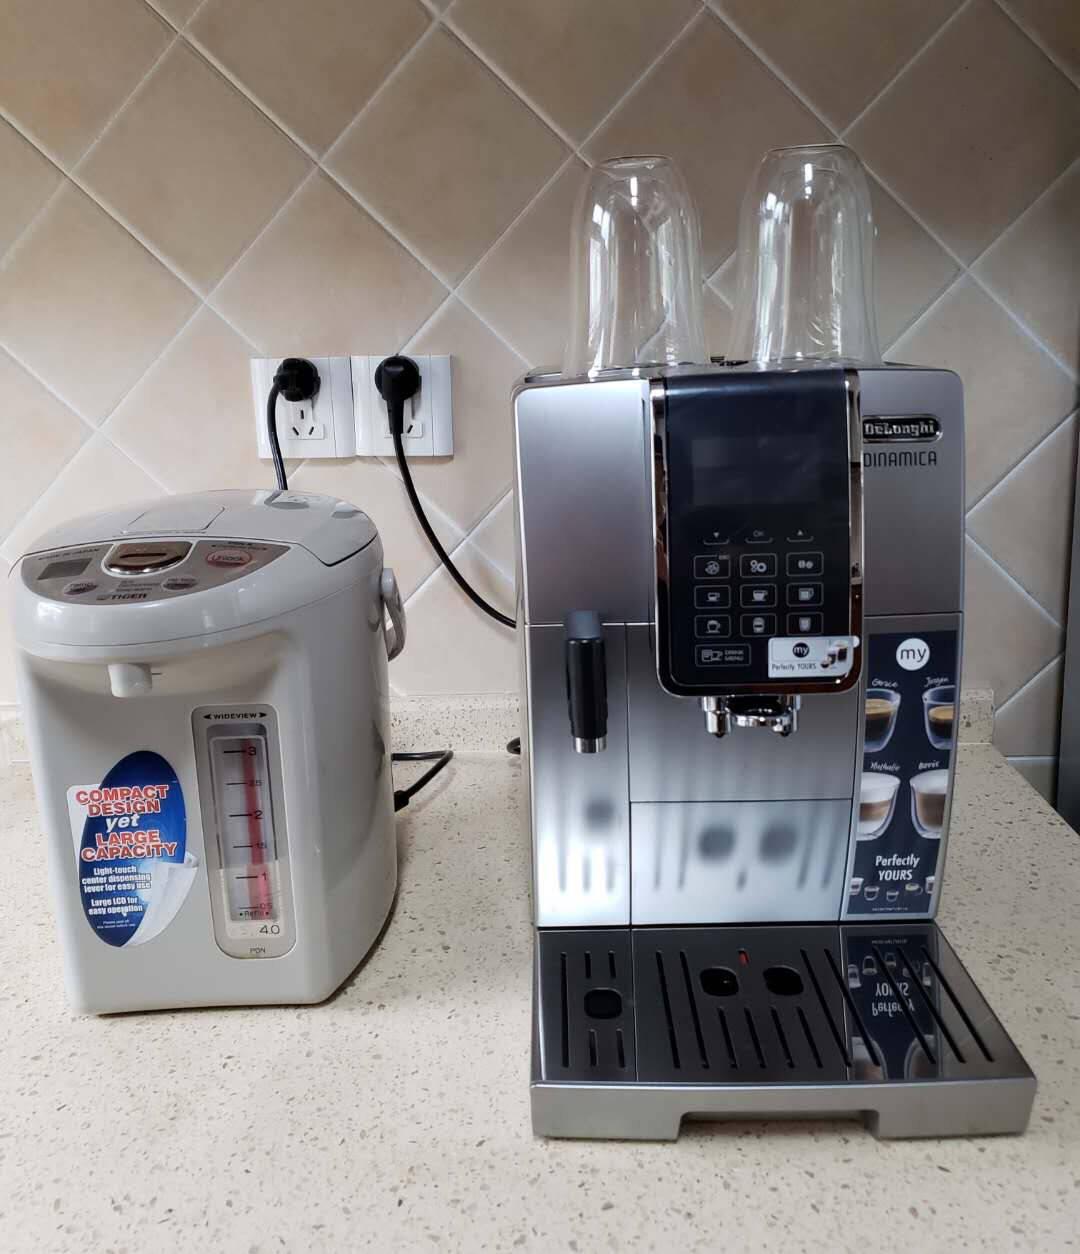 德龙(Delonghi)全自动咖啡机研磨咖啡豆粉两用意式浓缩家用咖啡机ECAM350.15.B【旗舰款】